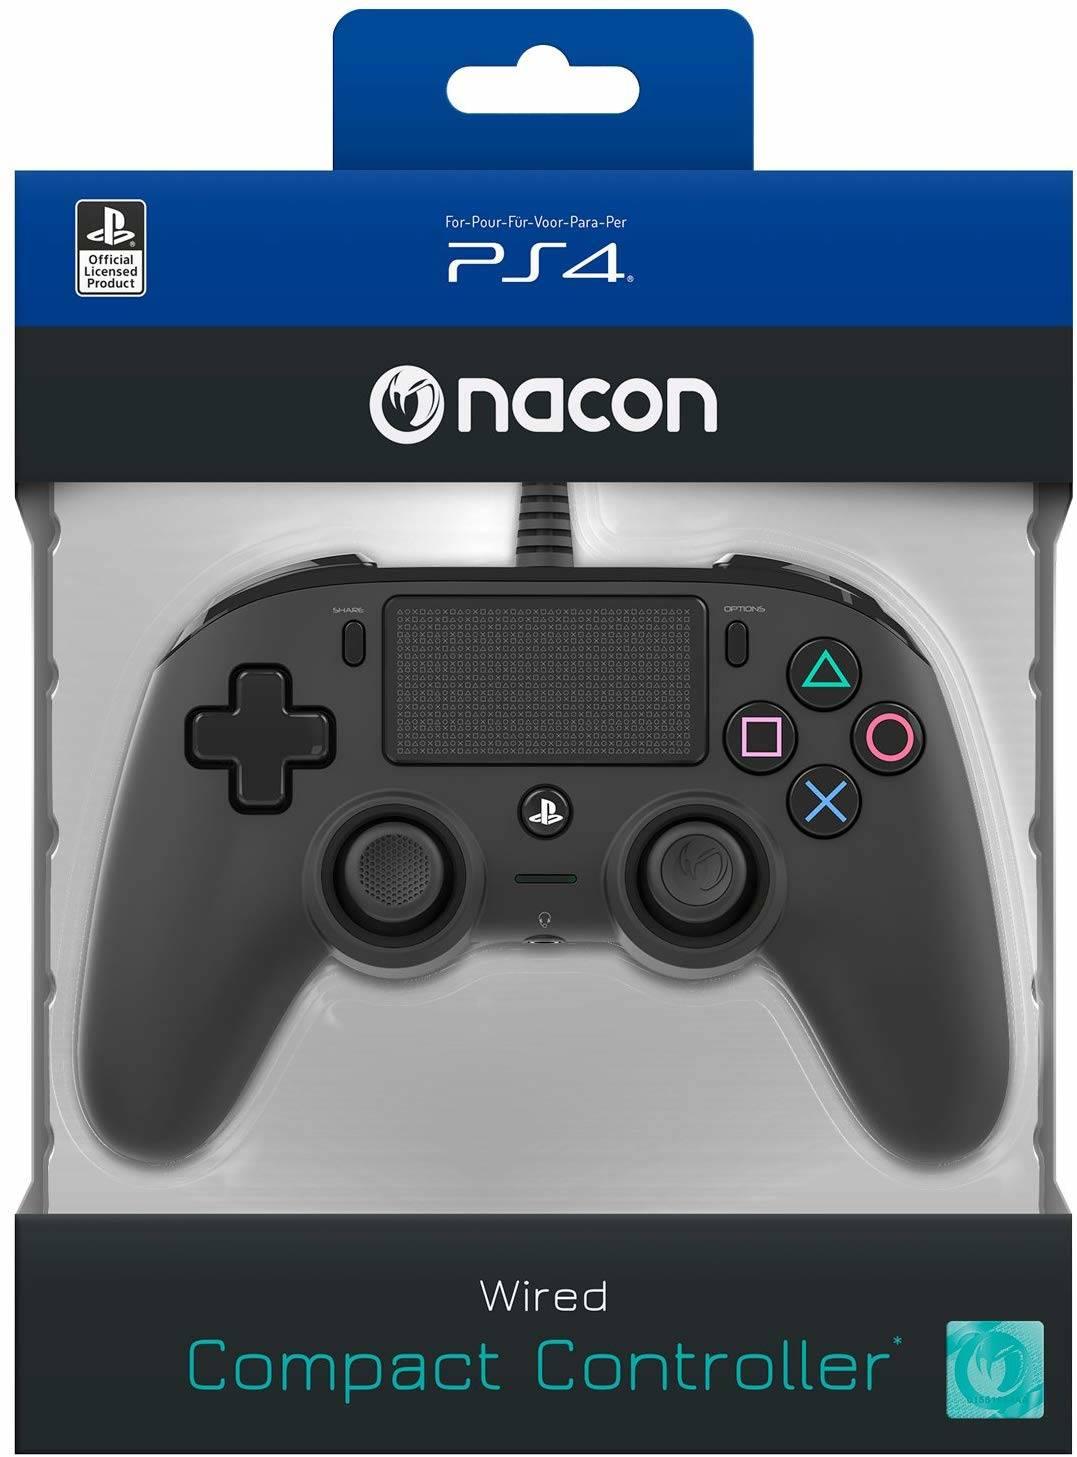 Nacon Compact